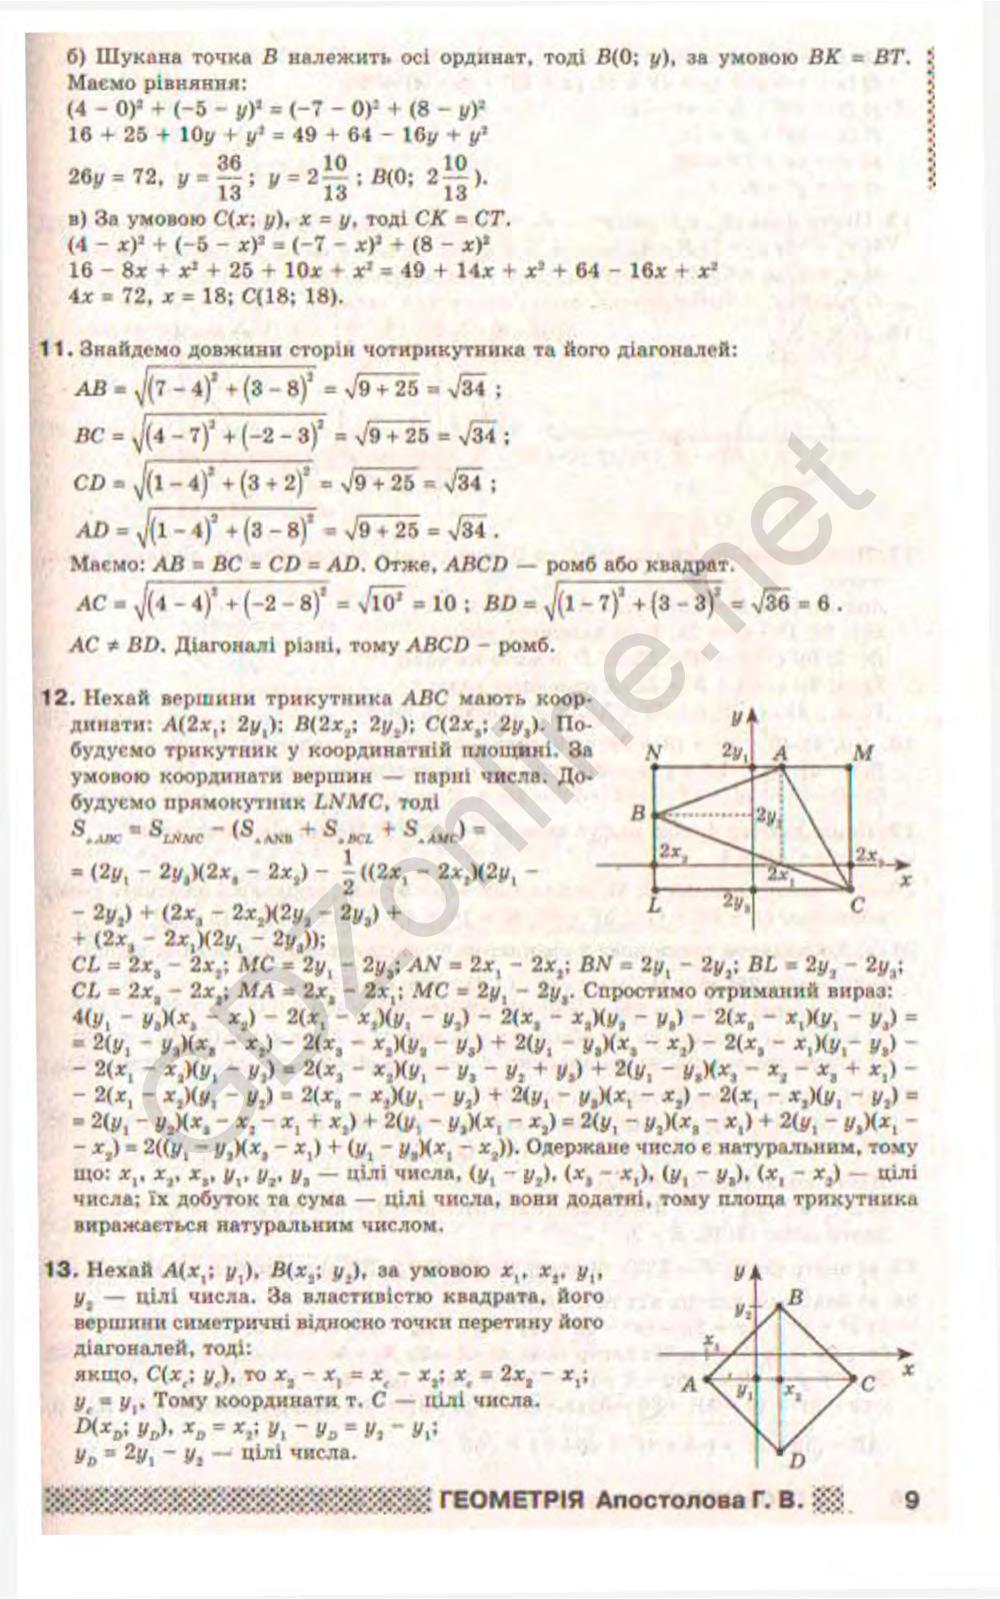 Решебник к геометрии апостолова 9 класс с расписанными заданиями